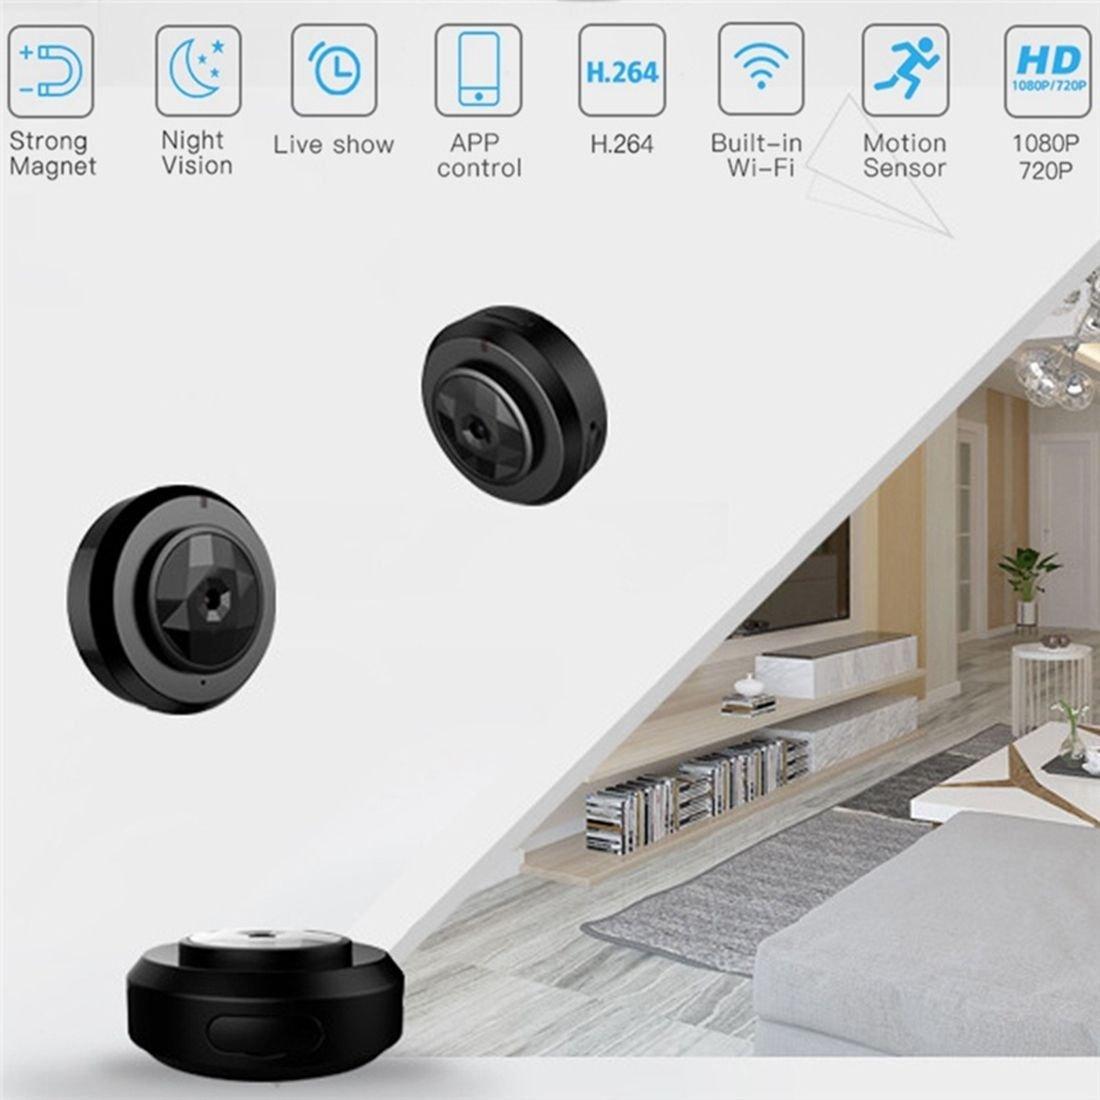 SODIAL C6 Mini monitoreo Remoto inalambrico Videocamaras Miniatura deteccion de Movimiento y resolucion de Video 720P Vision Nocturna HD Desgaste portatil ...